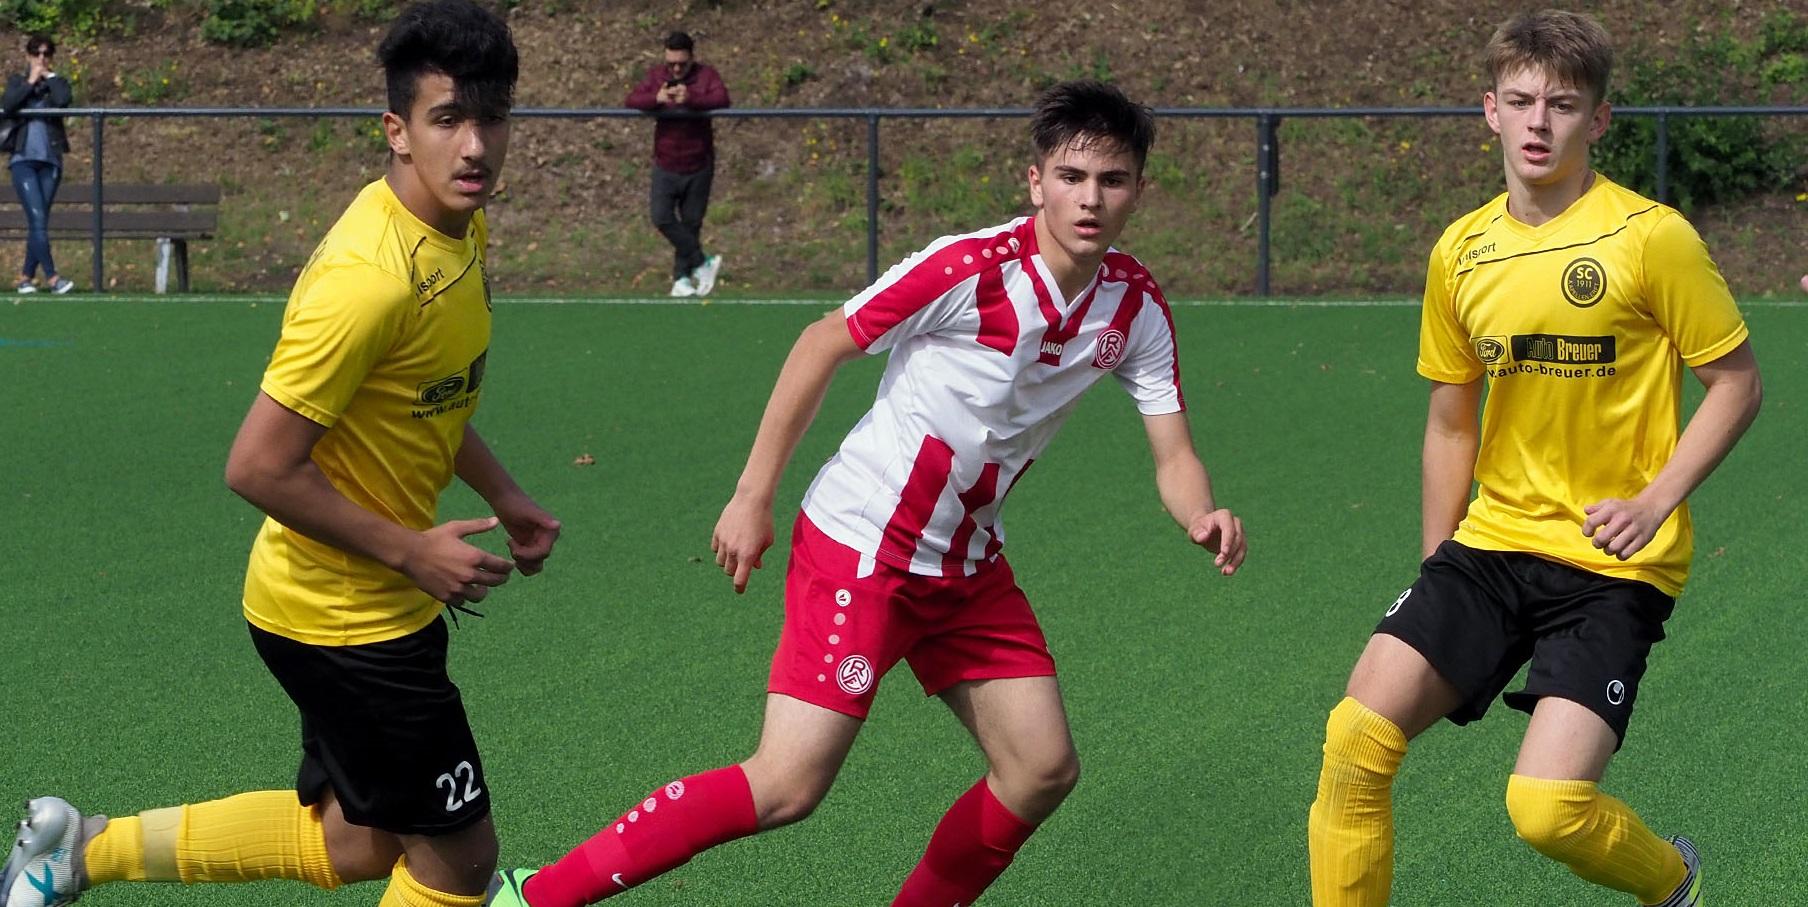 Die rot-weisse U17 unterlag im Stadtderby dem ETB SW Essen mit 0:1.